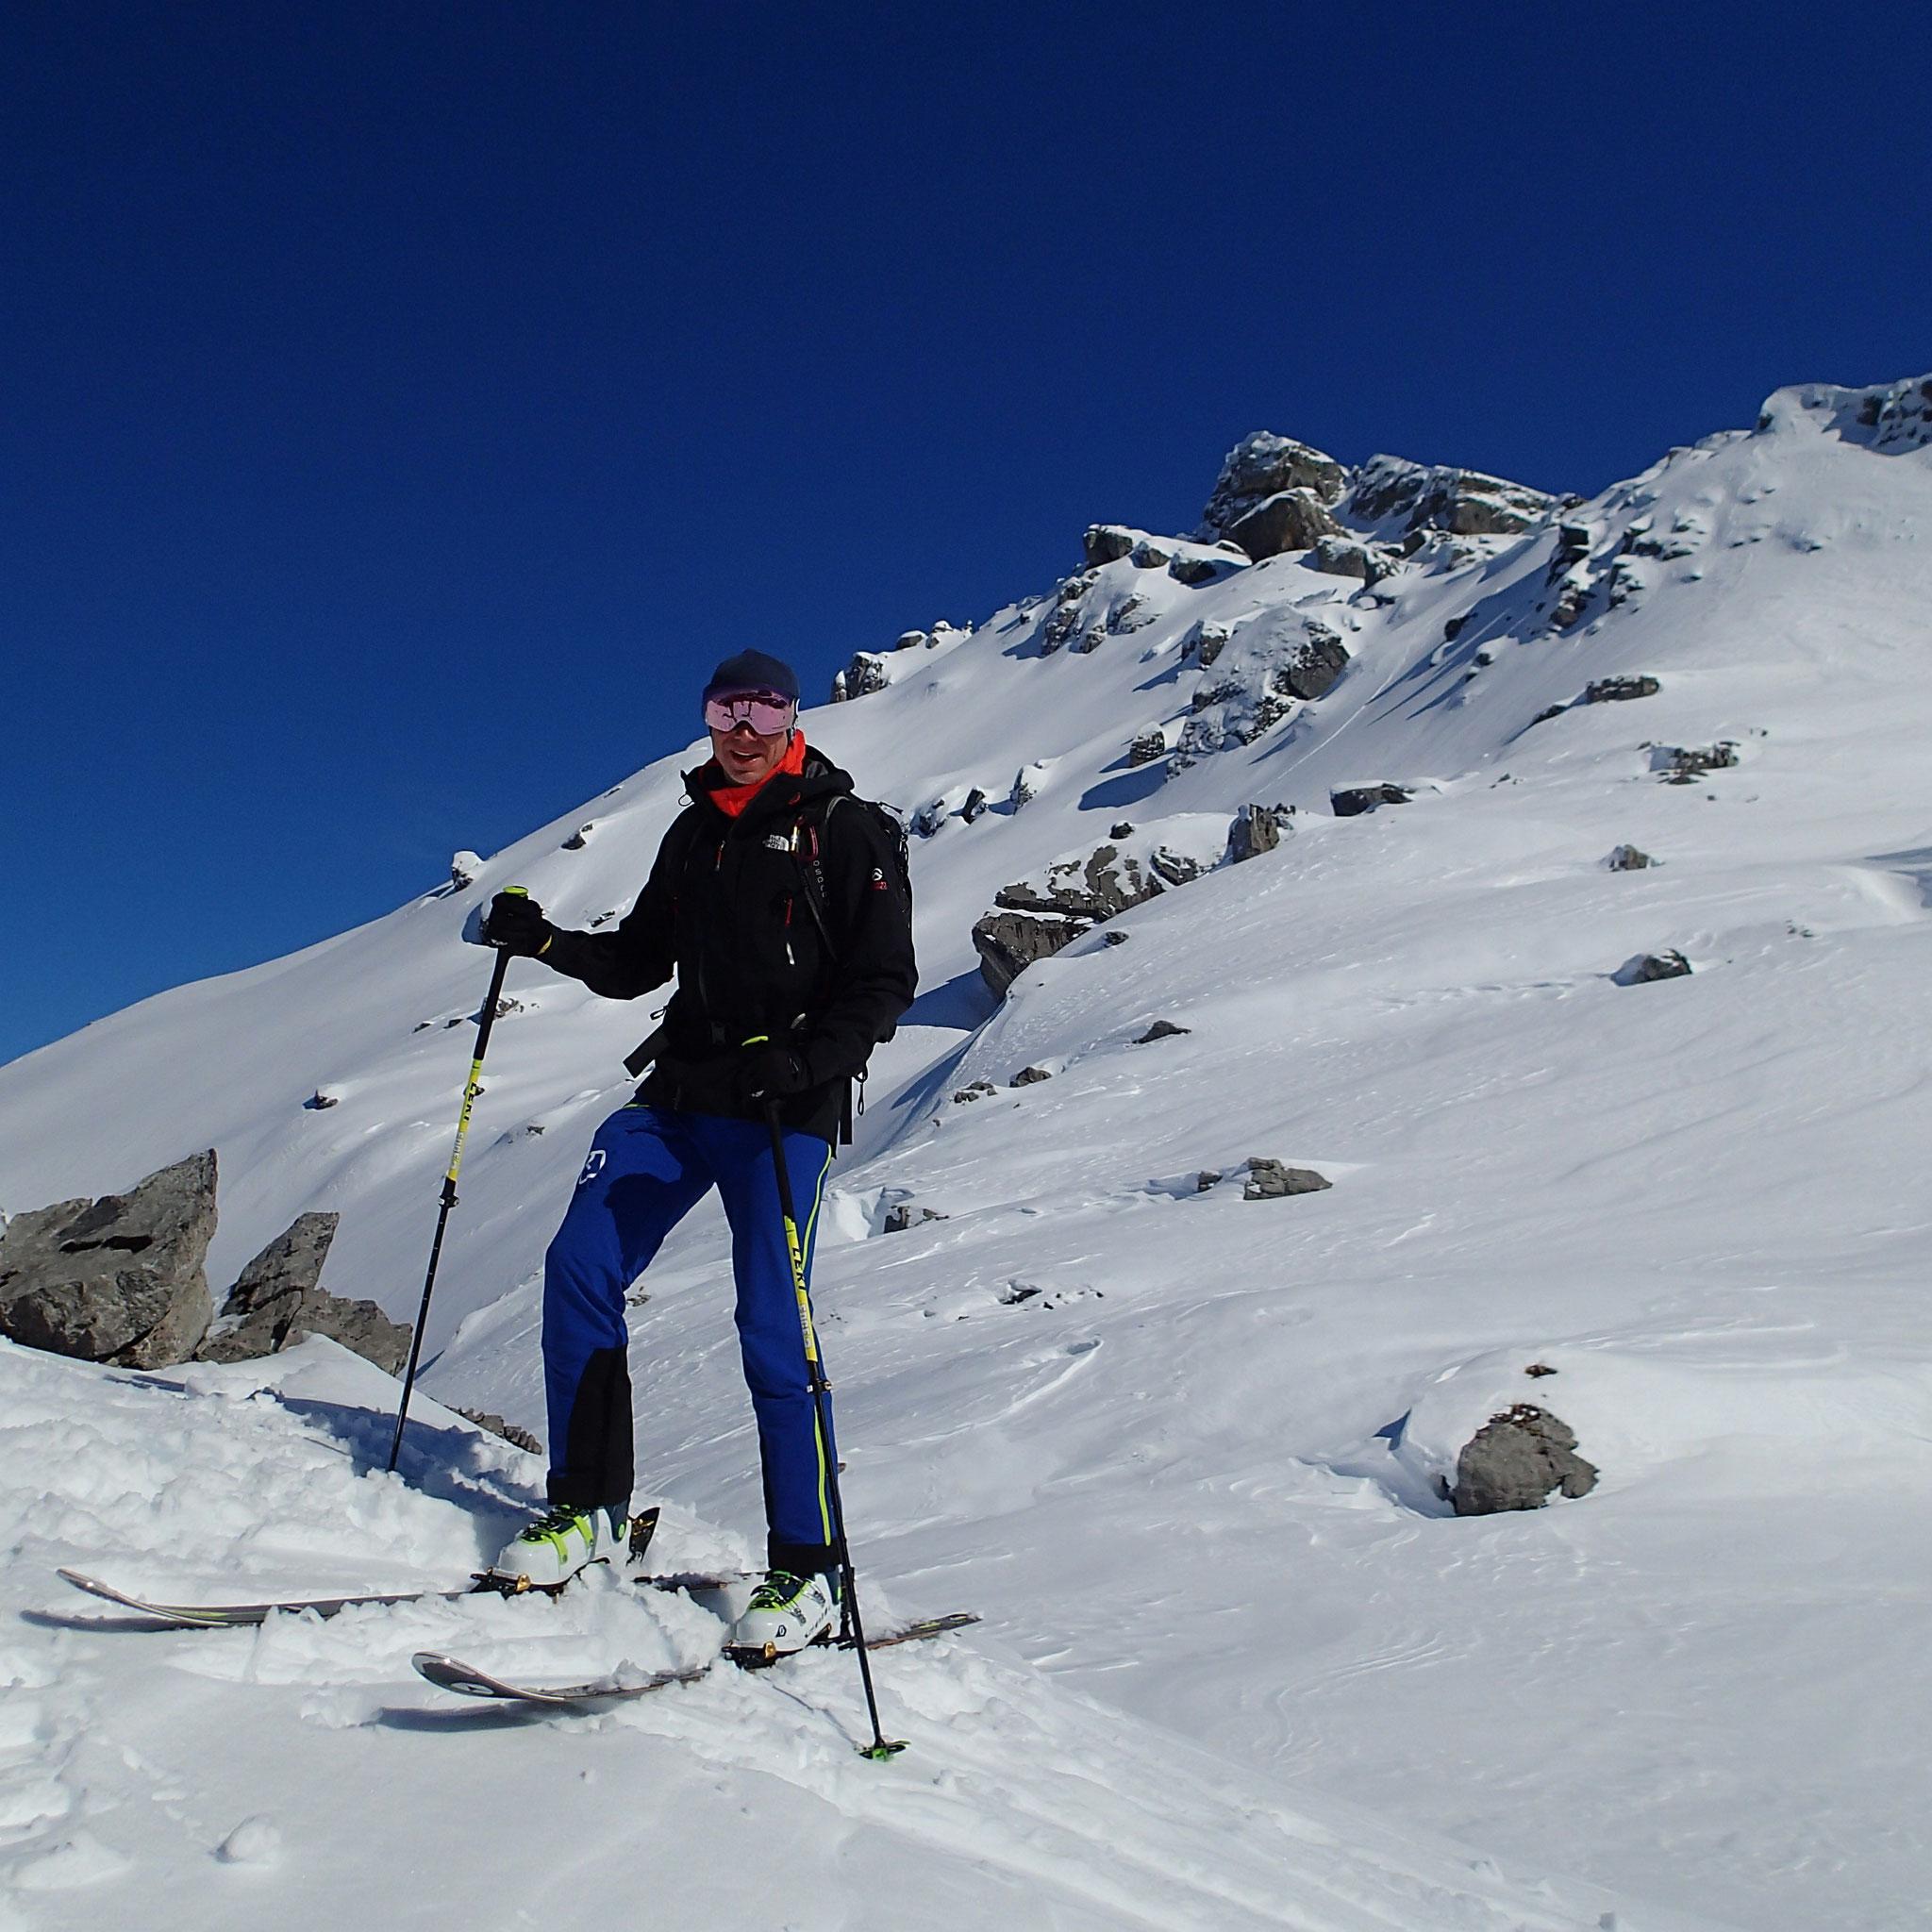 Sur le petit sommet 2100 m au nord du refuge